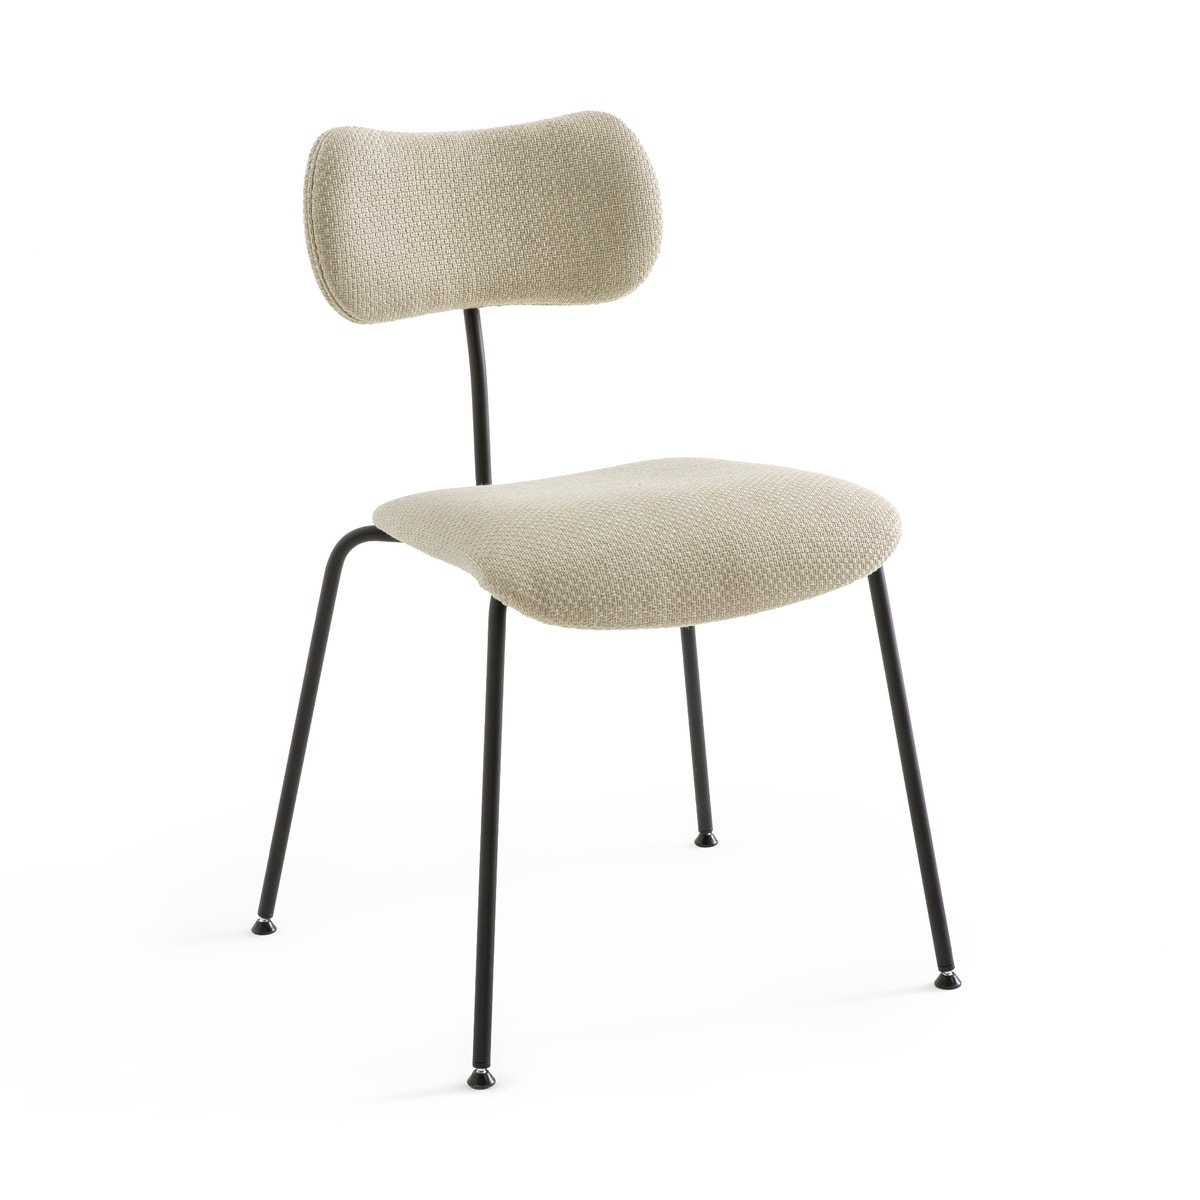 Καρέκλα από ανάγλυφο τουίντ, Nod